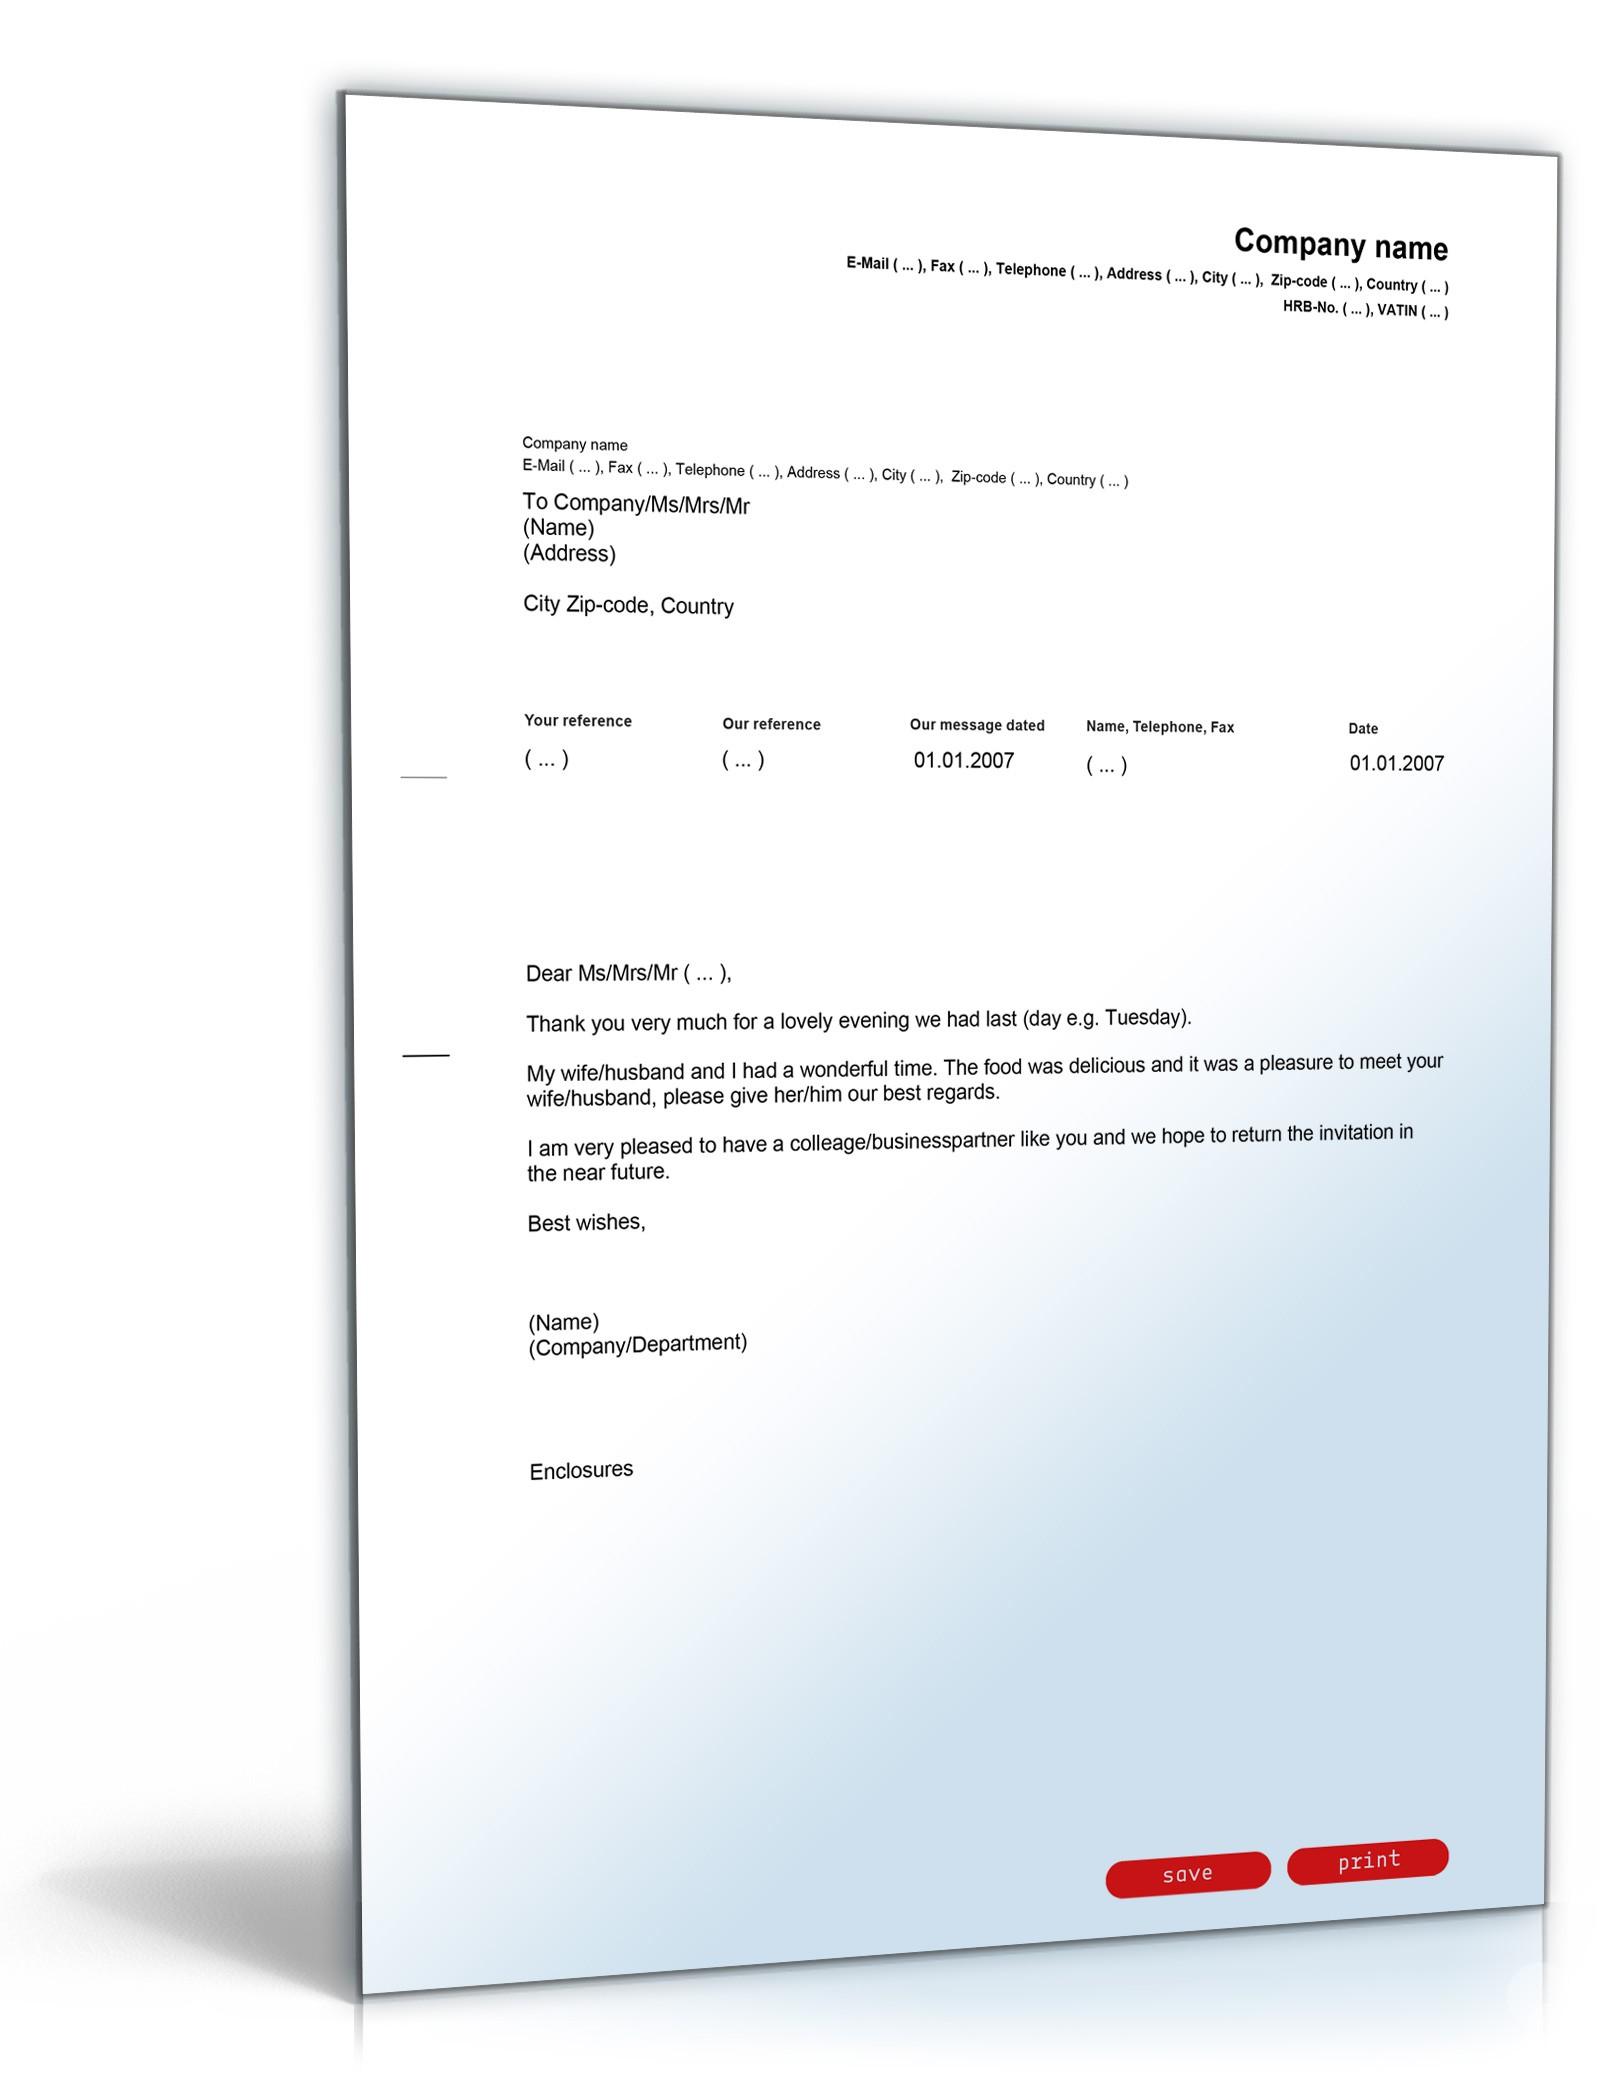 Musterbriefe Waf : Danksagung einladung vorlage zum download